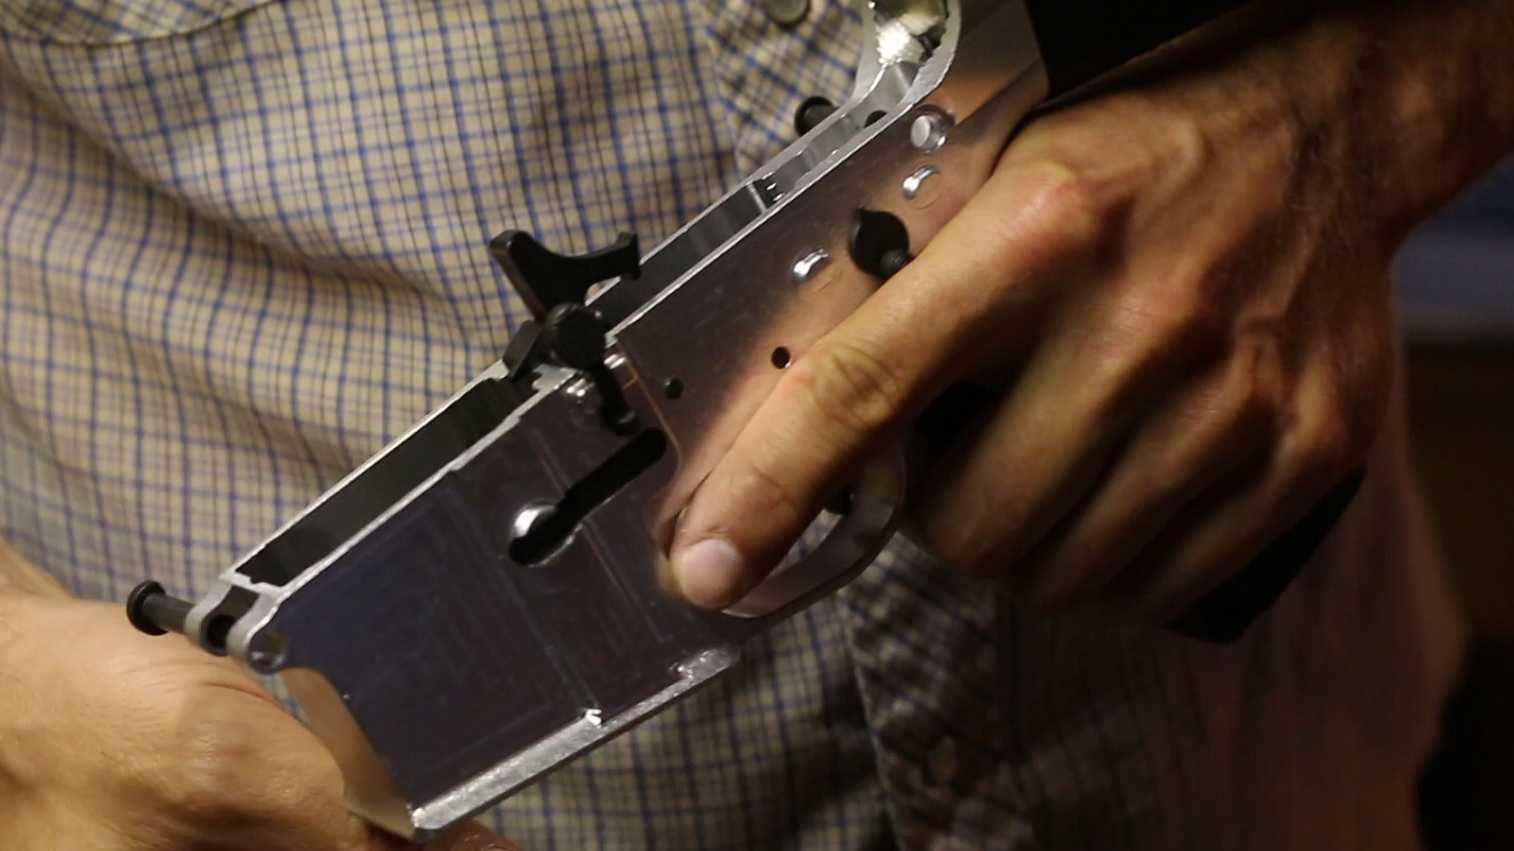 Polizeiexperte: Waffen aus 3D-Drucker sind in Deutschland verboten